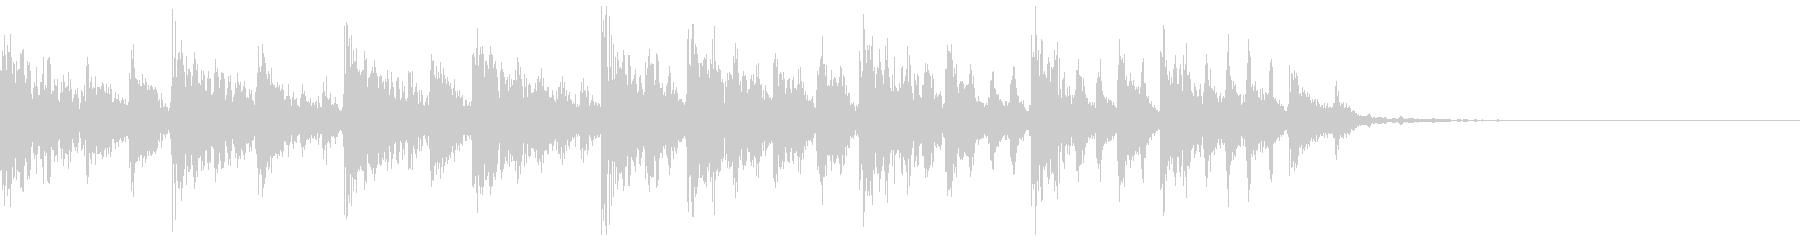 エレクトロなジングル・61の未再生の波形